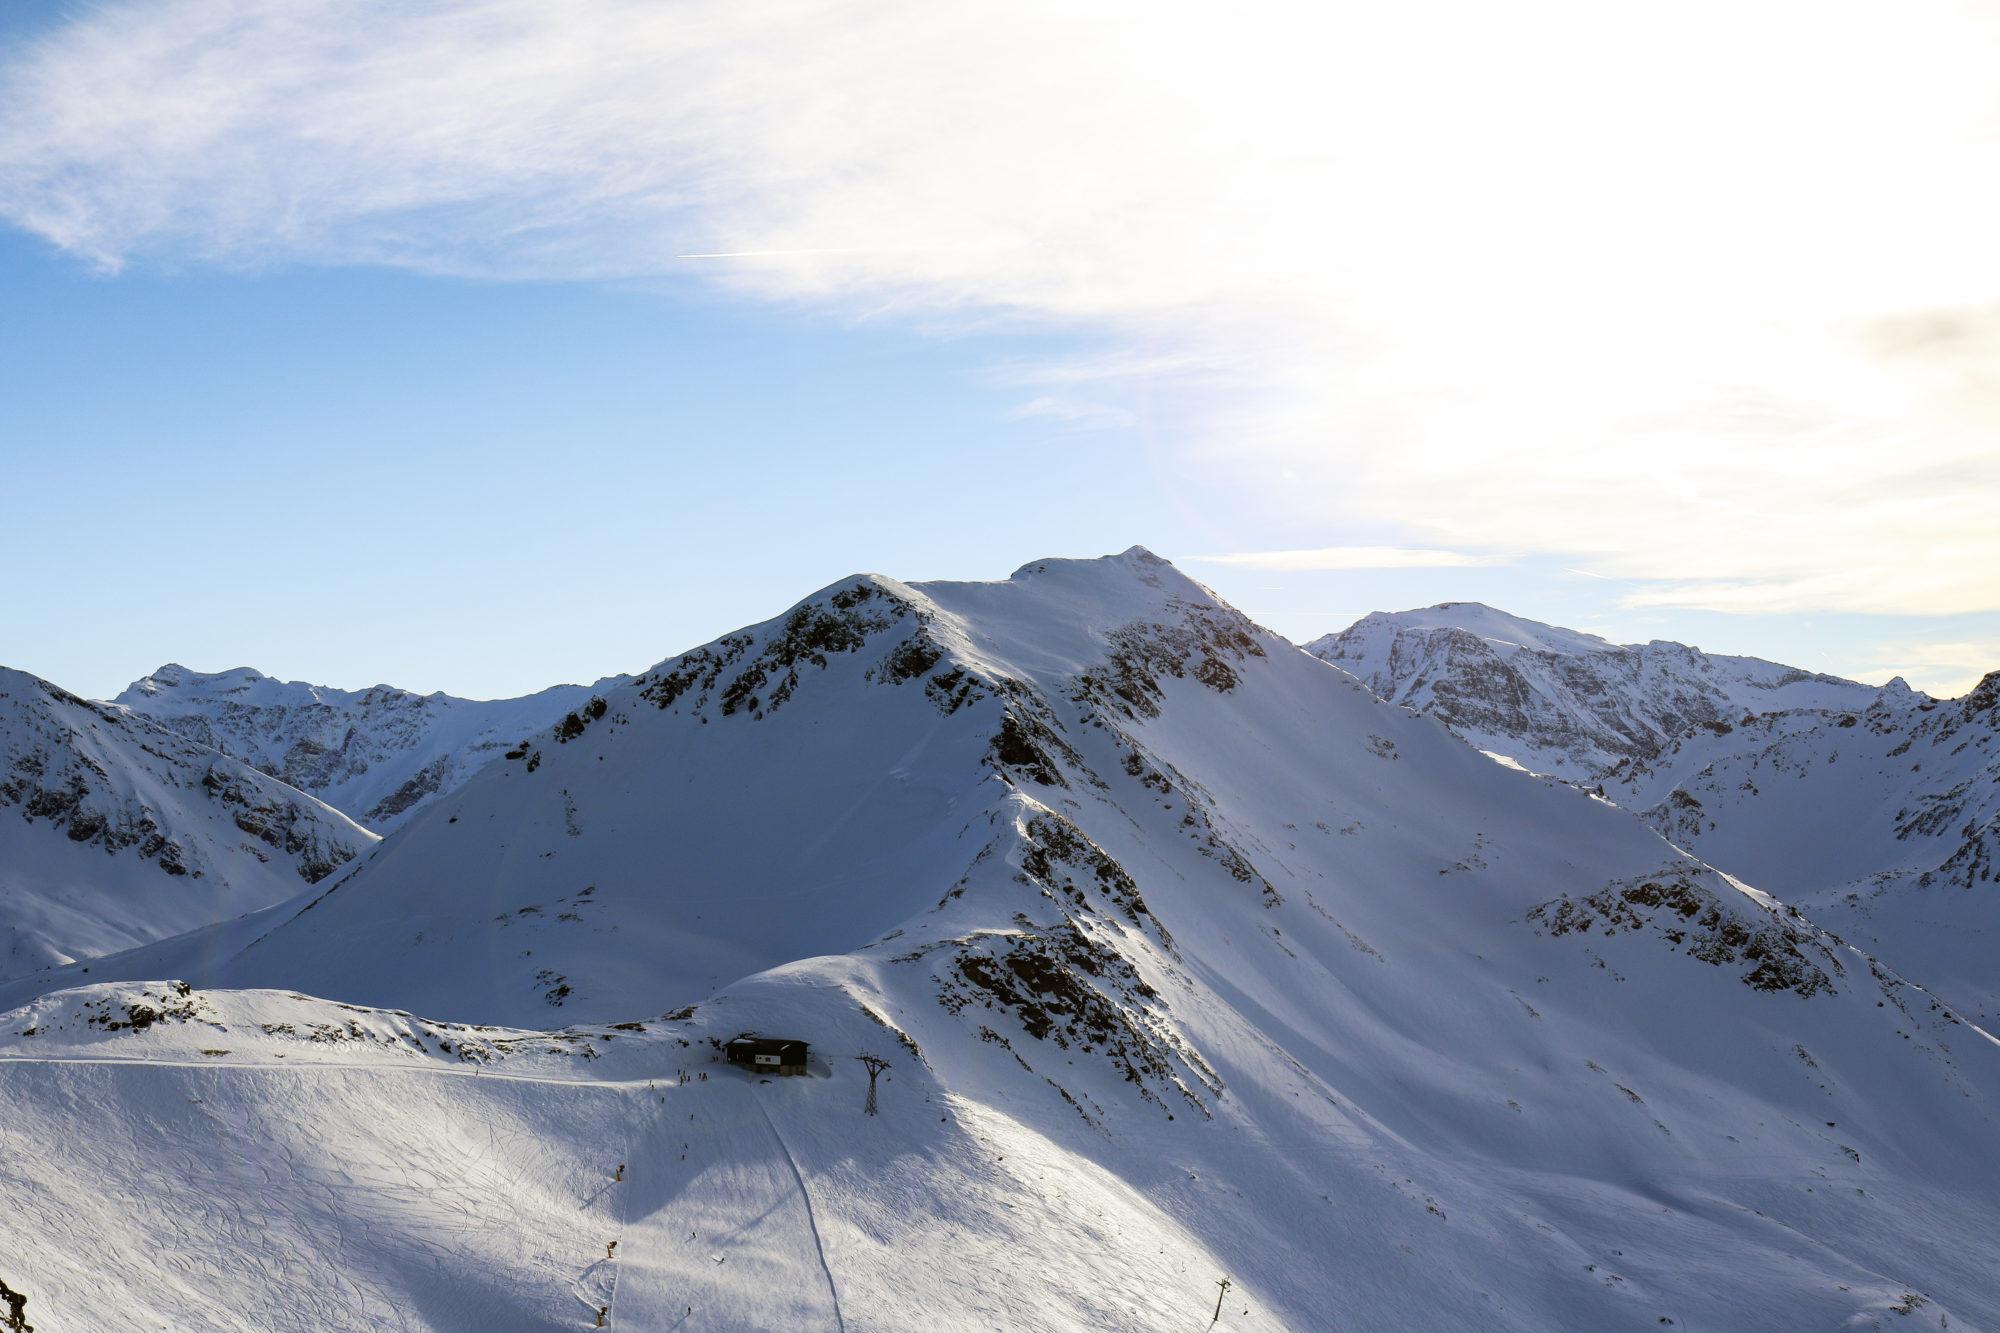 Vilka Restriktioner Galler For Att Resa Till Alperna Just Nu Freeride